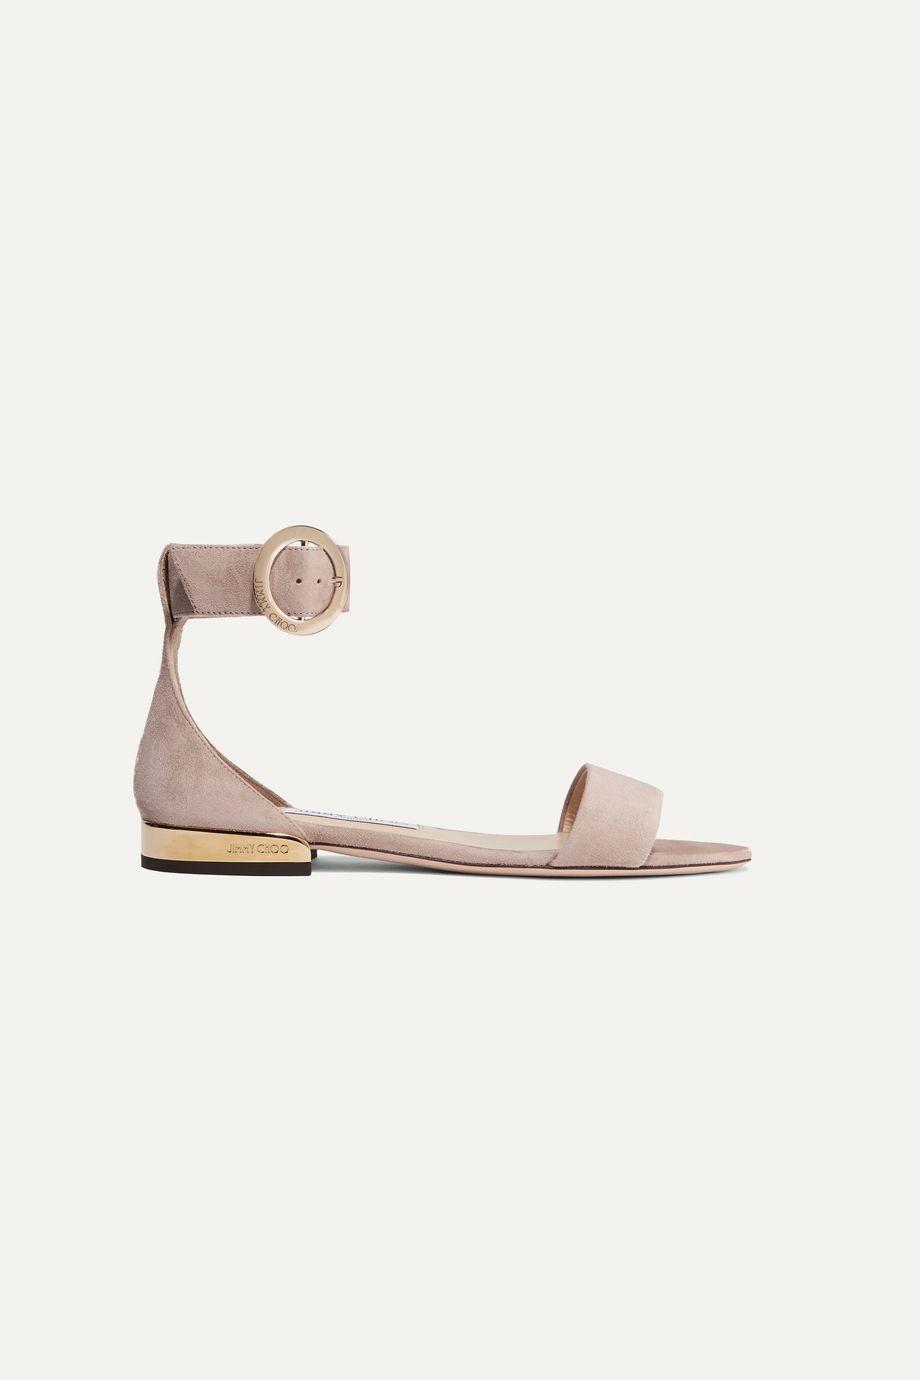 Jimmy Choo Jamie suede sandals